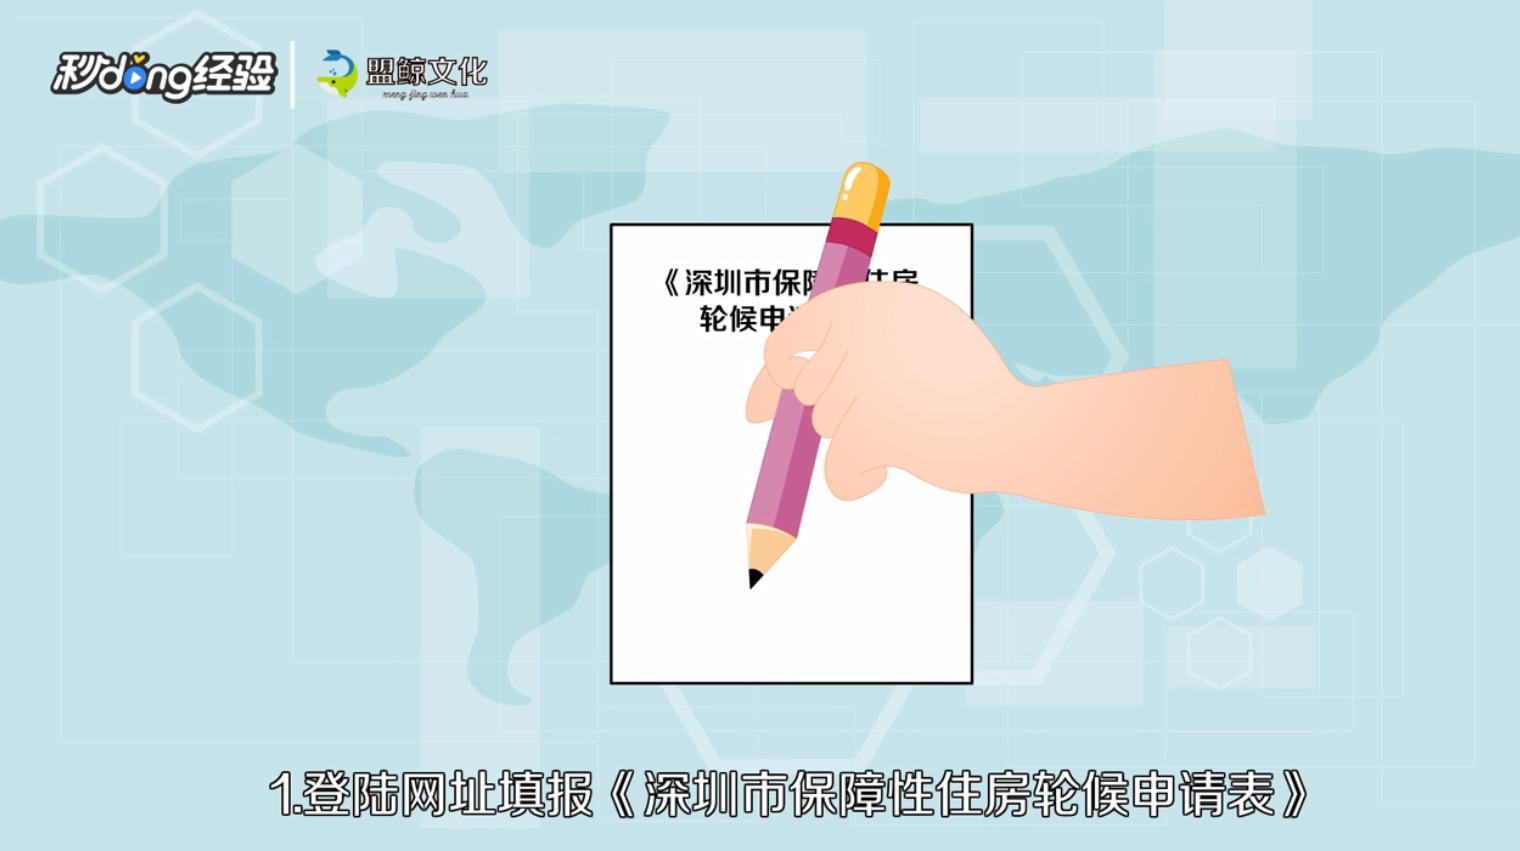 深圳公租房要怎么申请